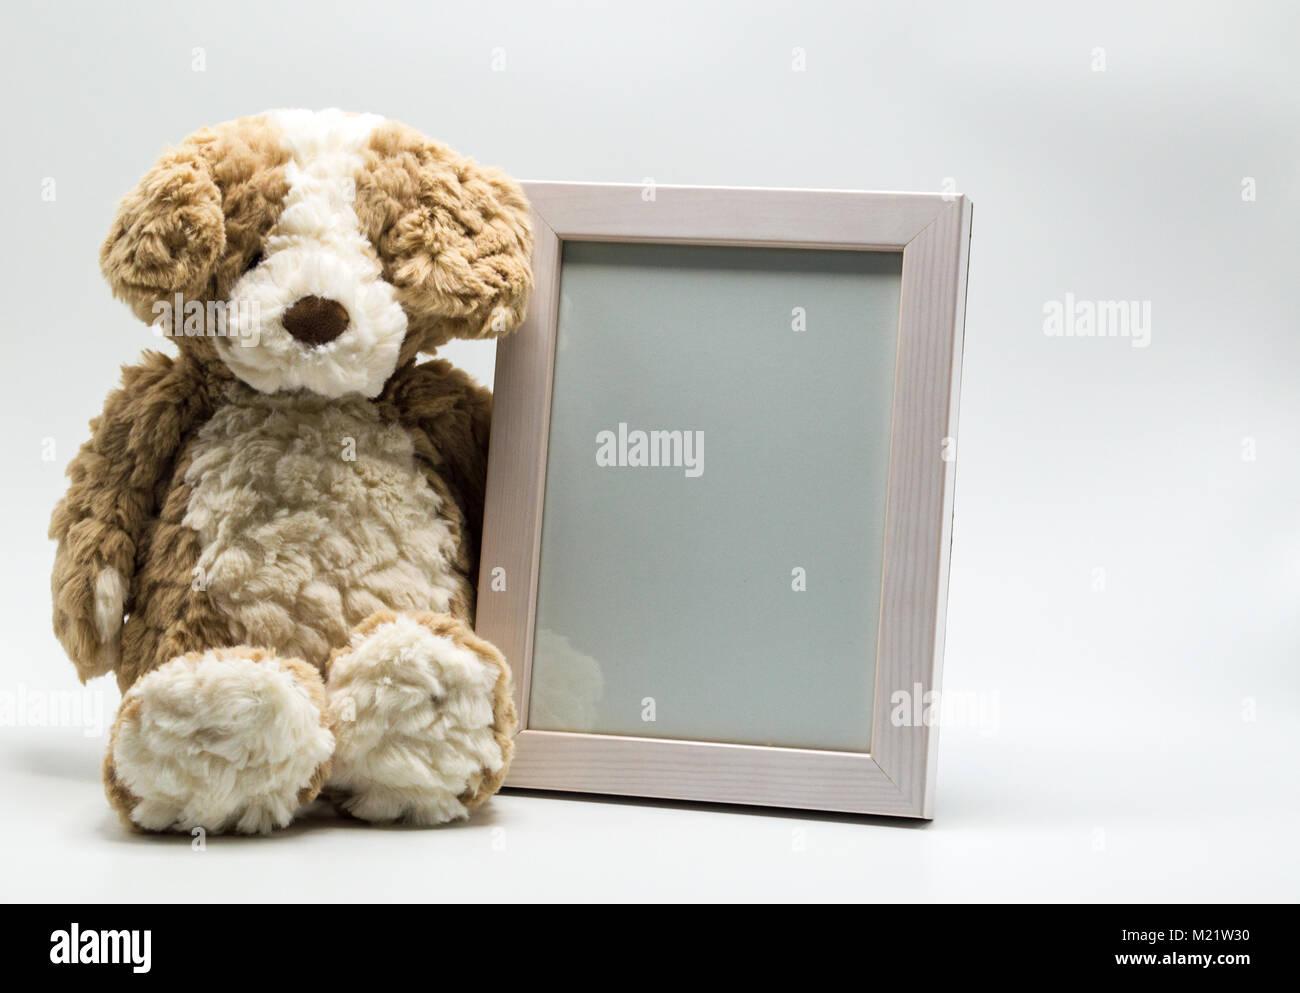 Adorable osito de peluche con marco de imagen vacío para ...